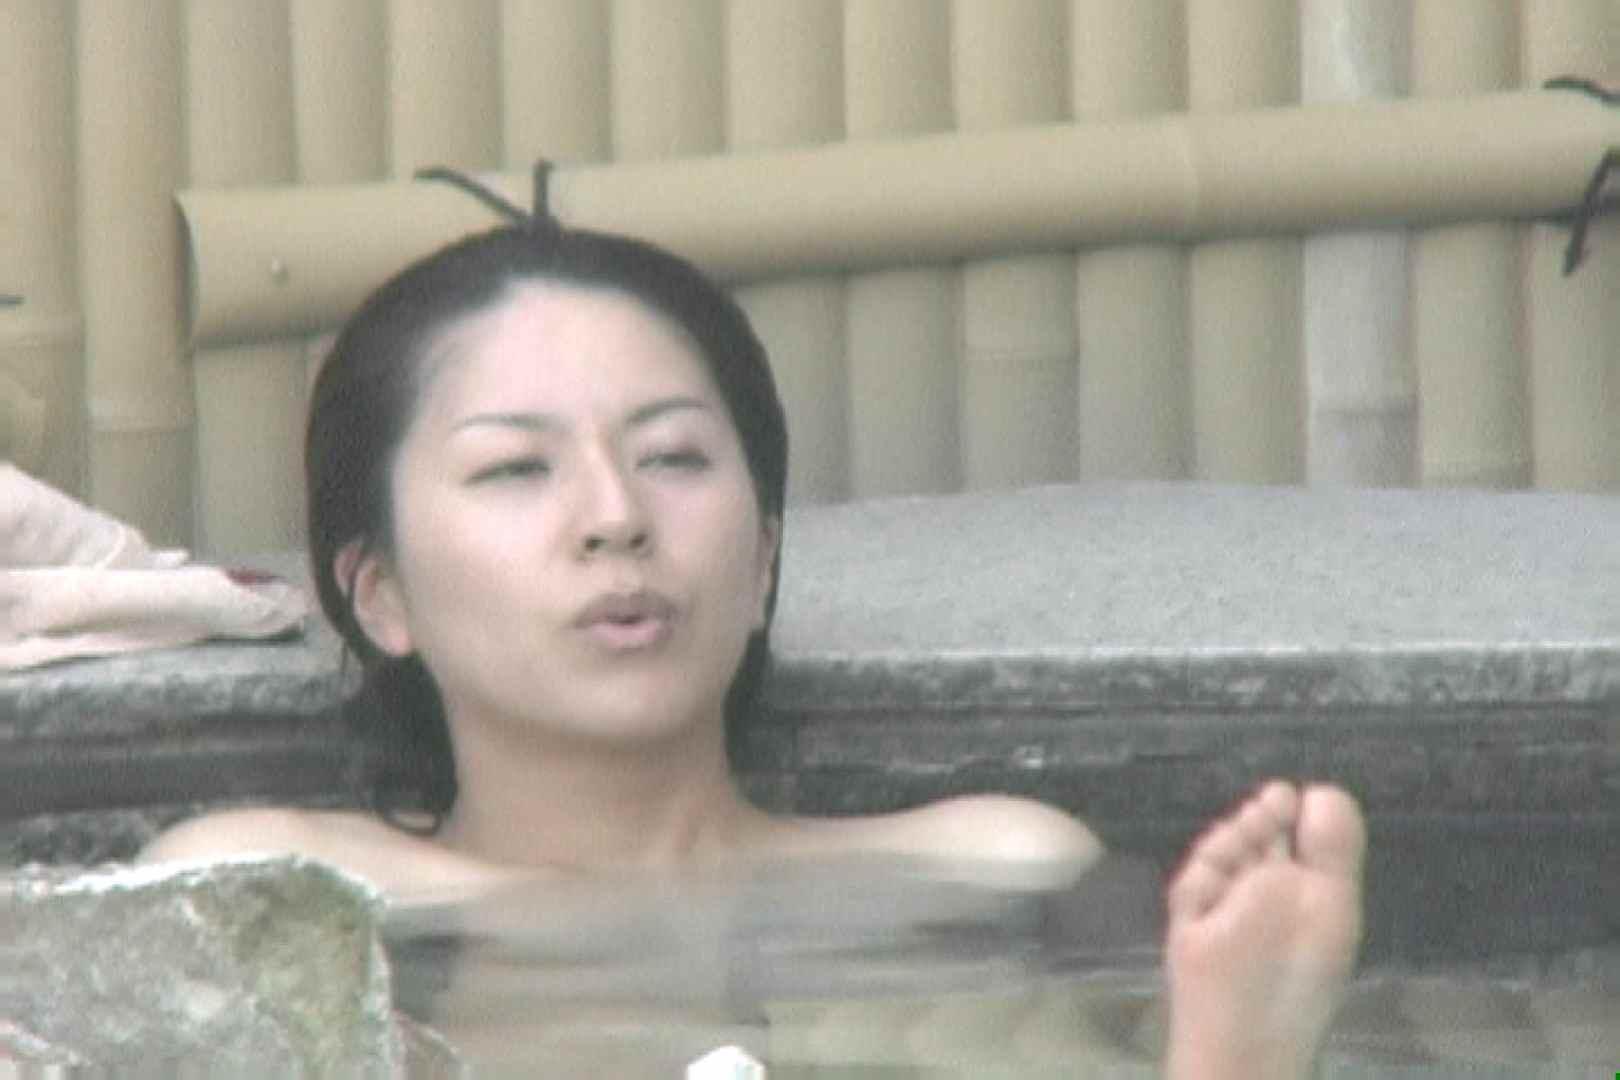 Aquaな露天風呂Vol.694 盗撮  110PICs 48